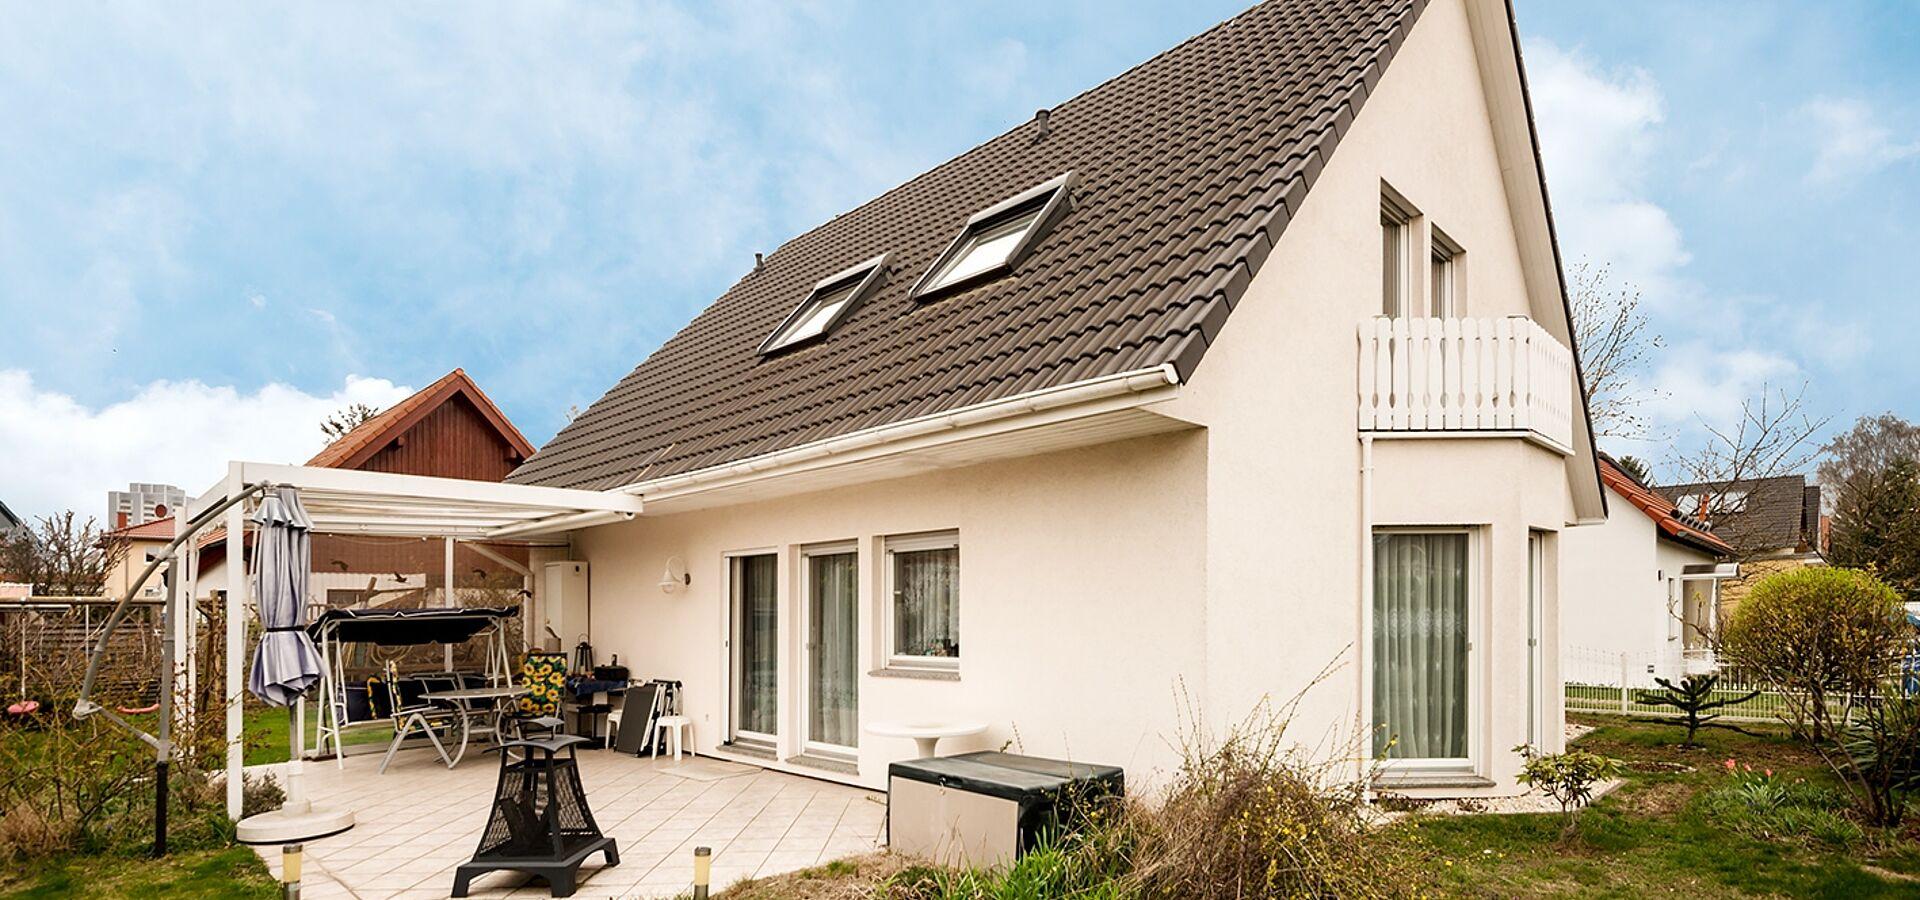 Eine oase in berlin marzahn einfamilienhaus mit 5 zimmern for Einfamilienhaus berlin